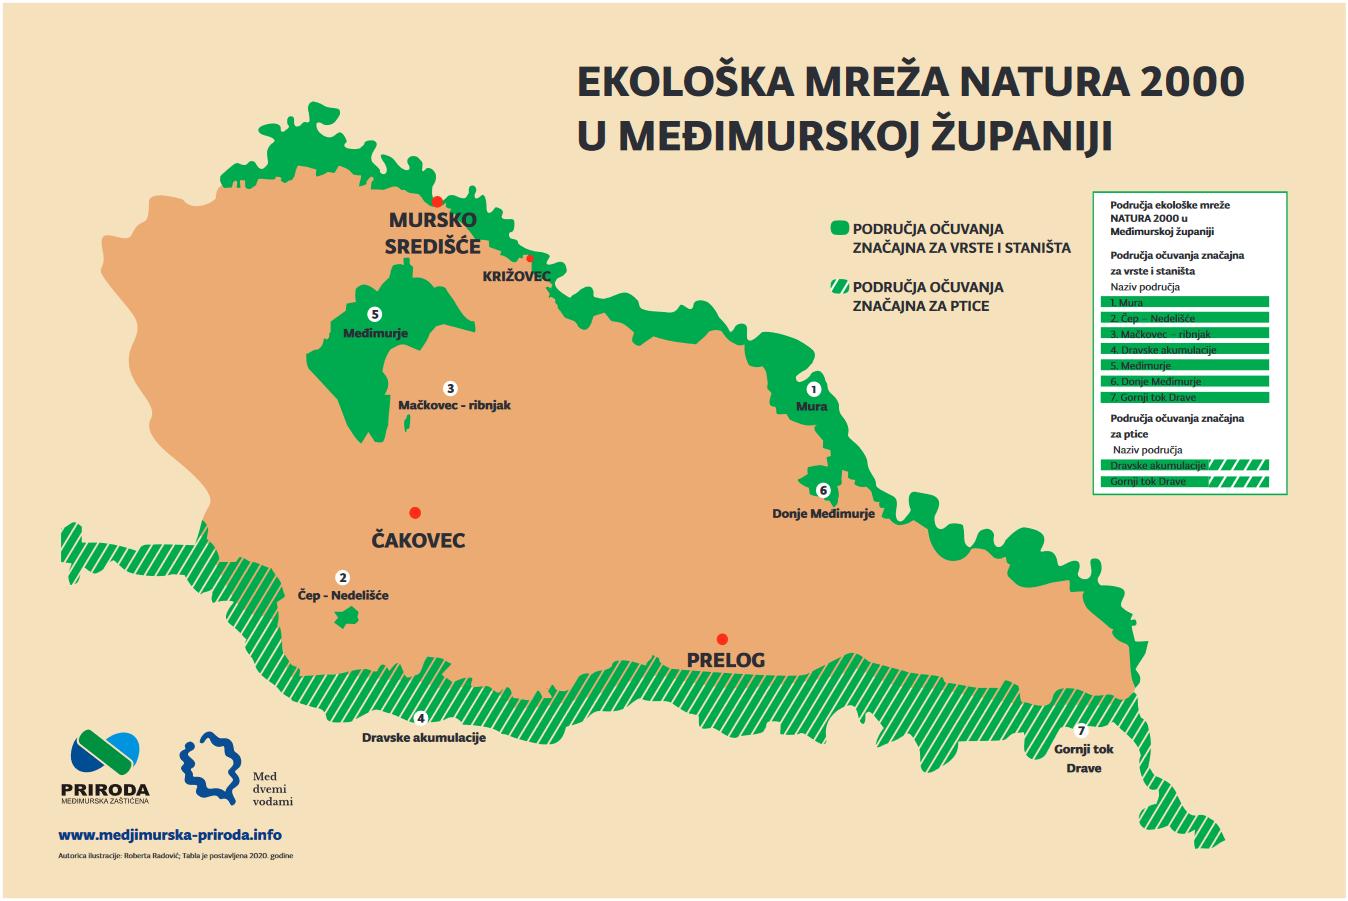 karta Ekološka mreža NATURA 2000 u MŽ cdr - karta Ekološka mreža NATURA 2000 u MŽ